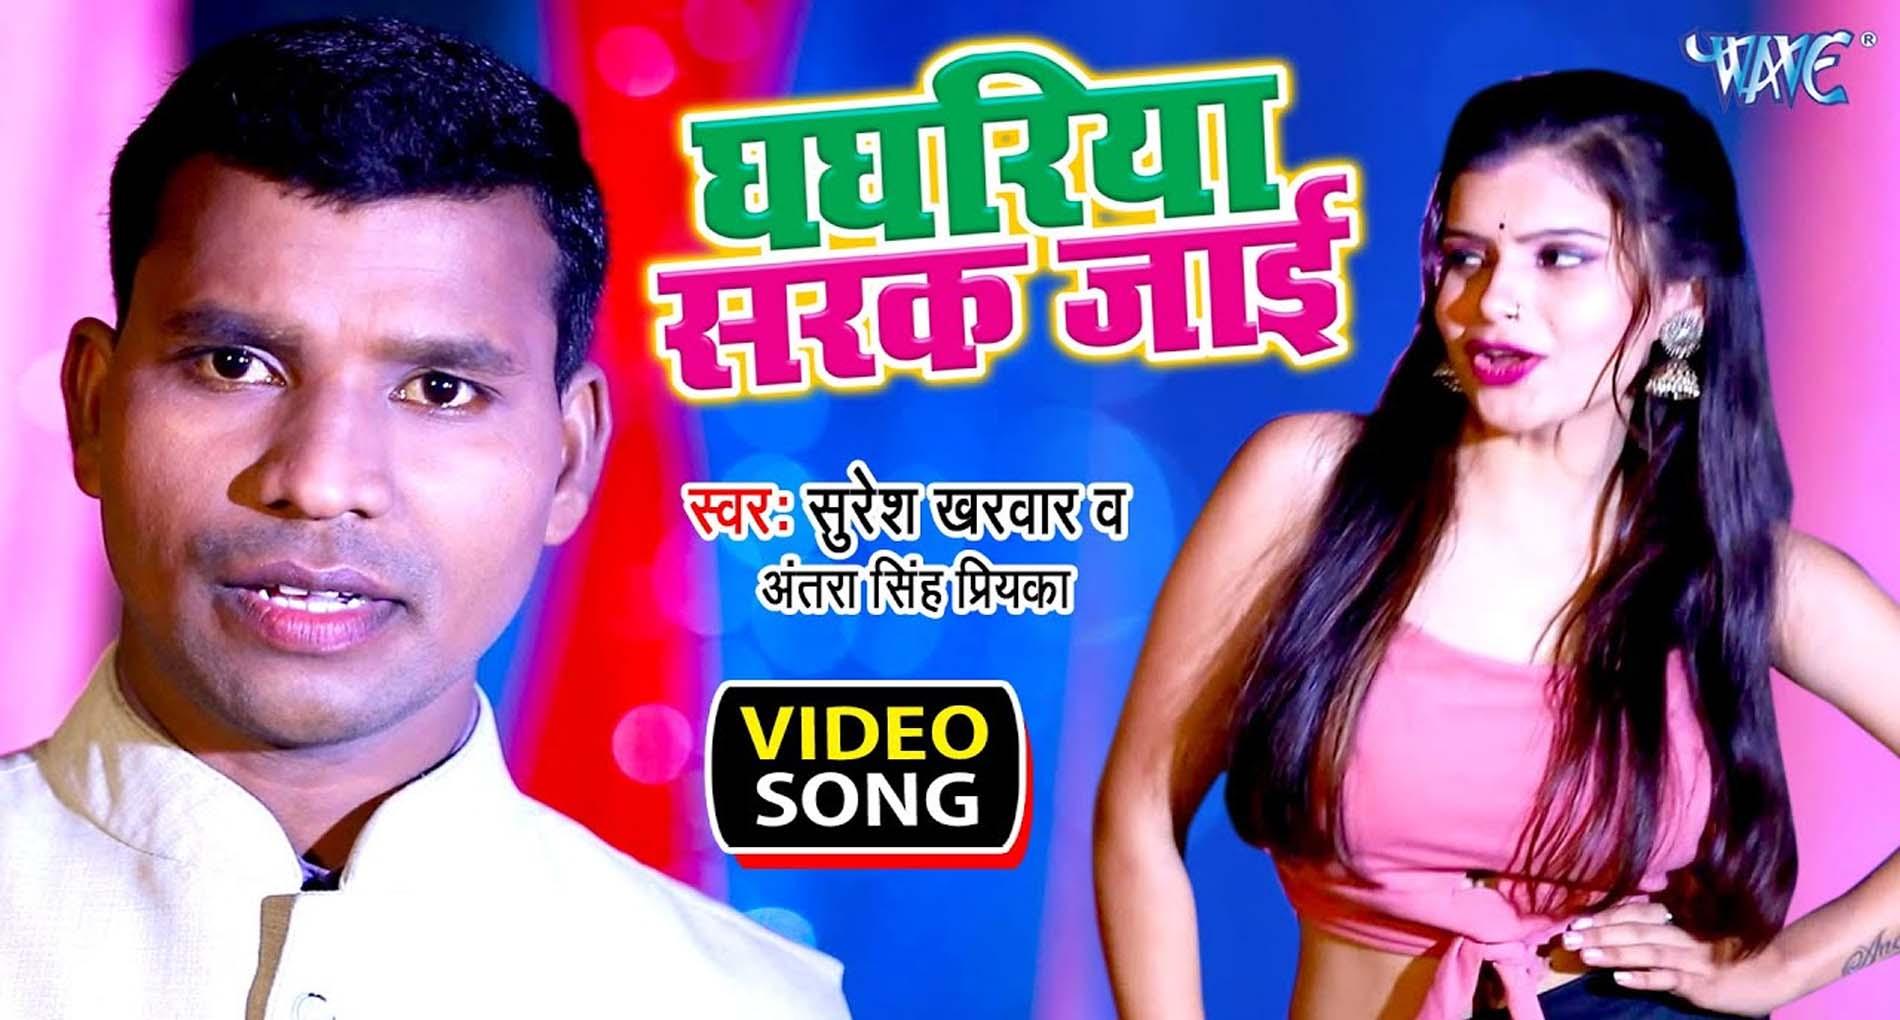 Bhojpuri Hit Song: अंतरा सिंह प्रियंका के इस नए गाने ने मचाया धमाल! देखें वीडियो